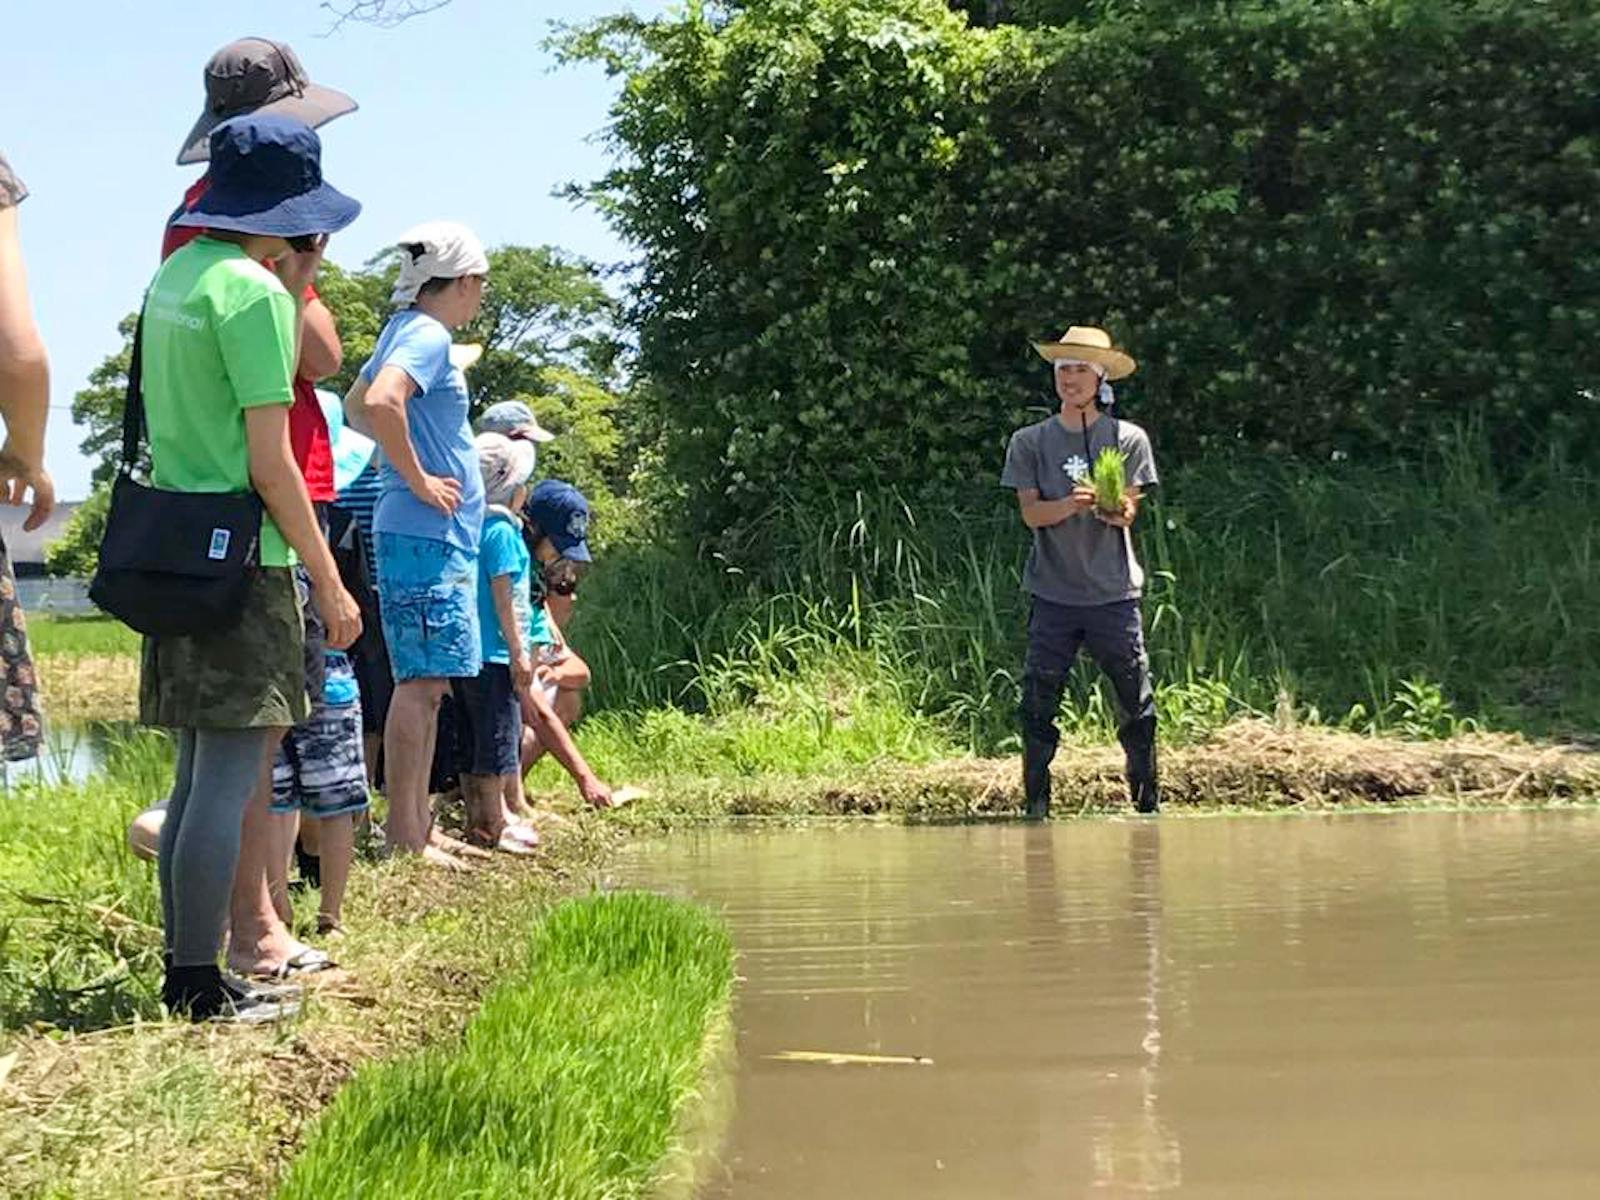 体験で田んぼを訪れた人たちに田植えのレクチャーを行なう鶴渕さん(写真右)。